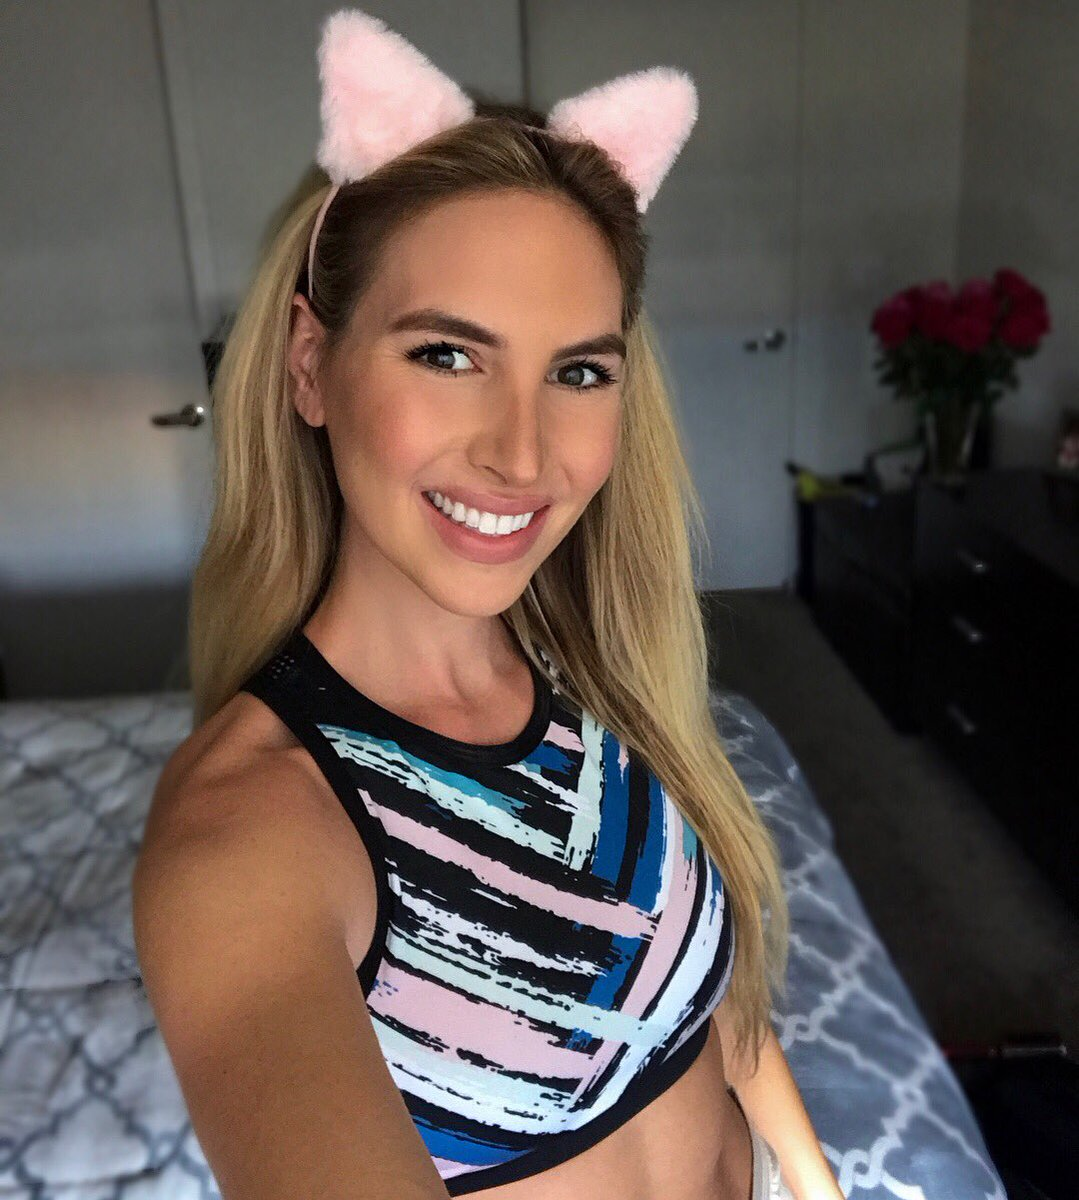 Sexy 2019 Melissa Eckman naked photo 2017